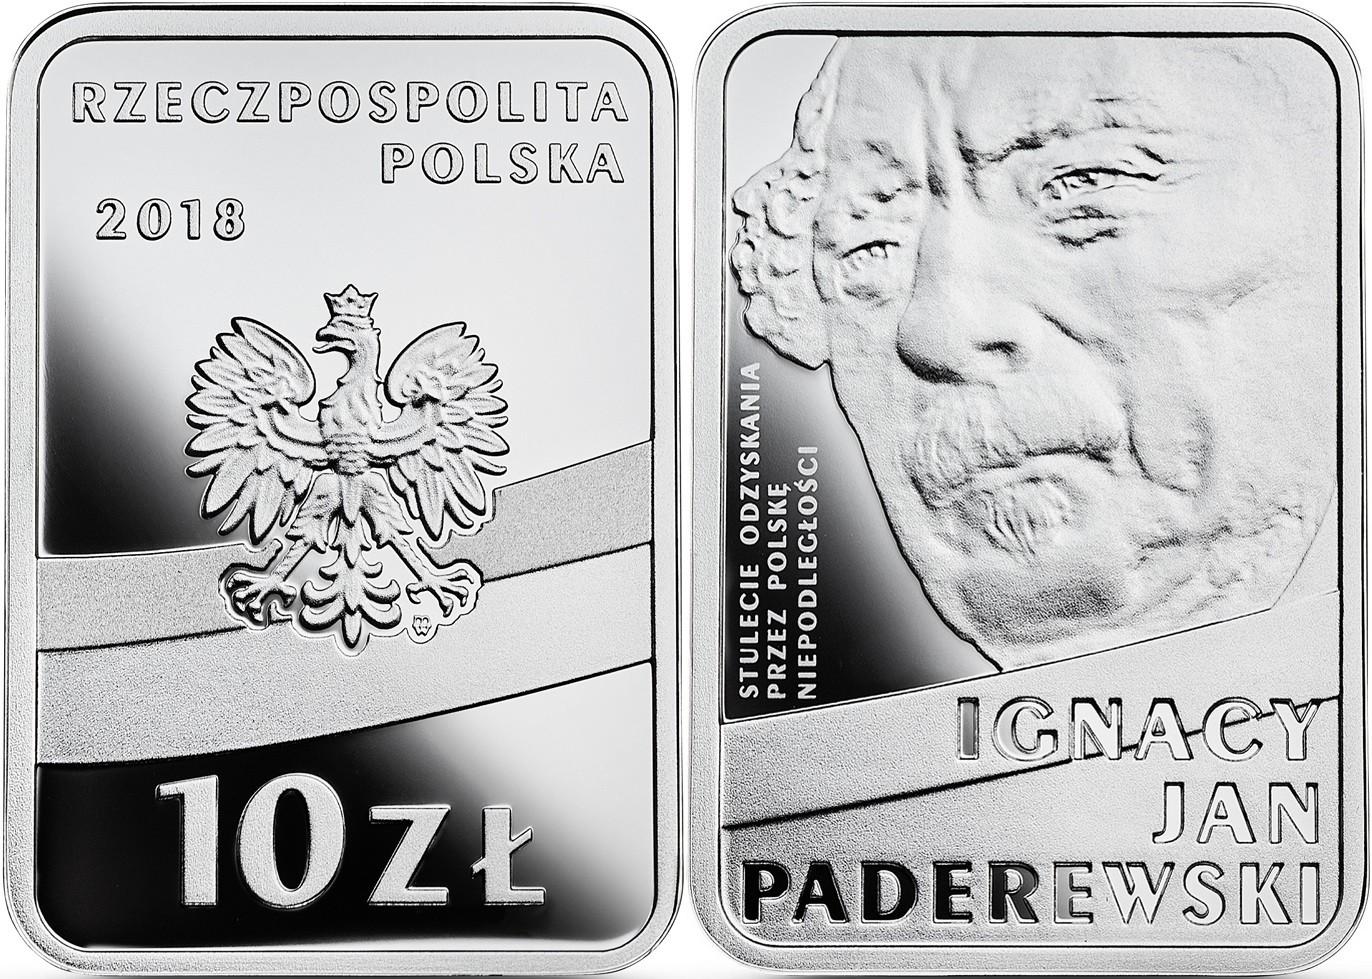 pologne 2018 jan paderewski